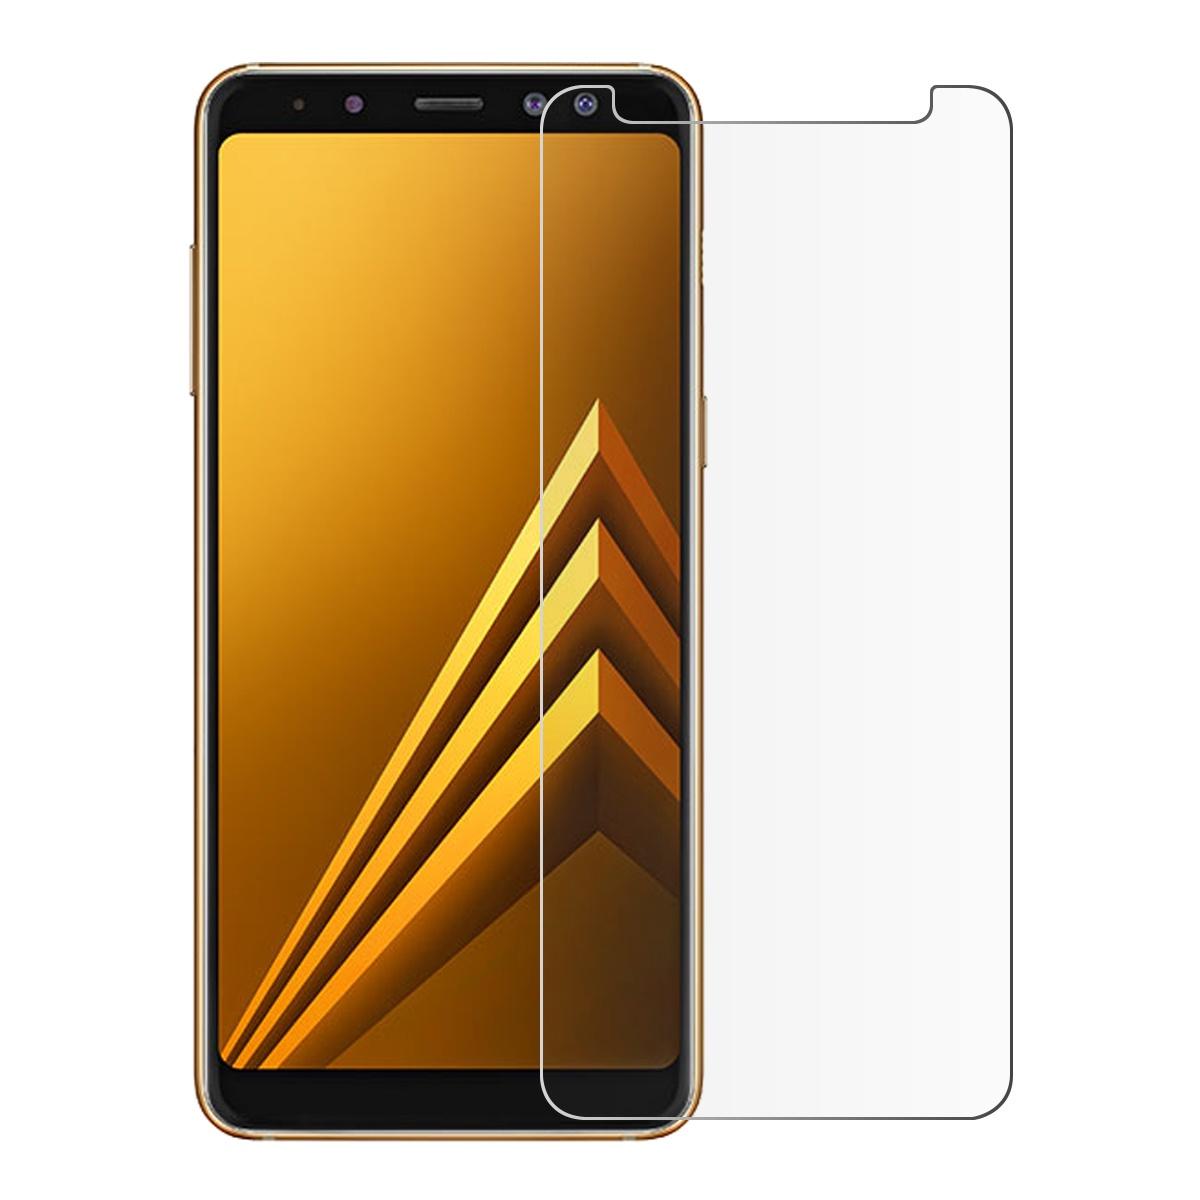 1 упак. Samsung Galaxy A8 2018 закаленное стекло защитная пленка для экрана против царапин аксессуар защитная пленка для samsung galaxy a8 innovation front